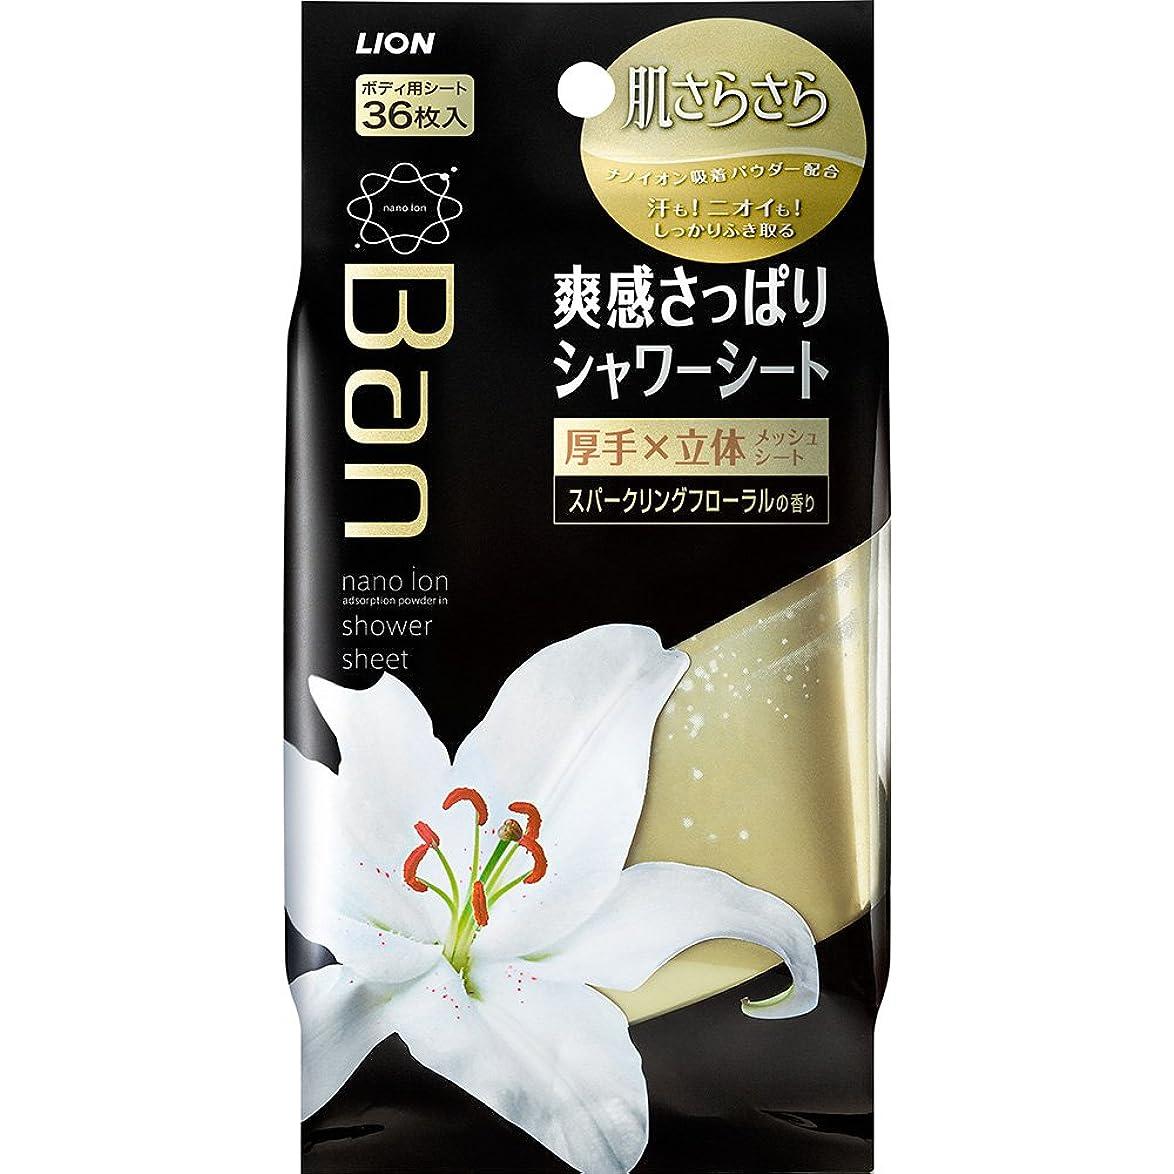 水を飲む否認する見えるBan(バン) 爽感さっぱりシャワーシート スパークリングフローラルの香り 36枚